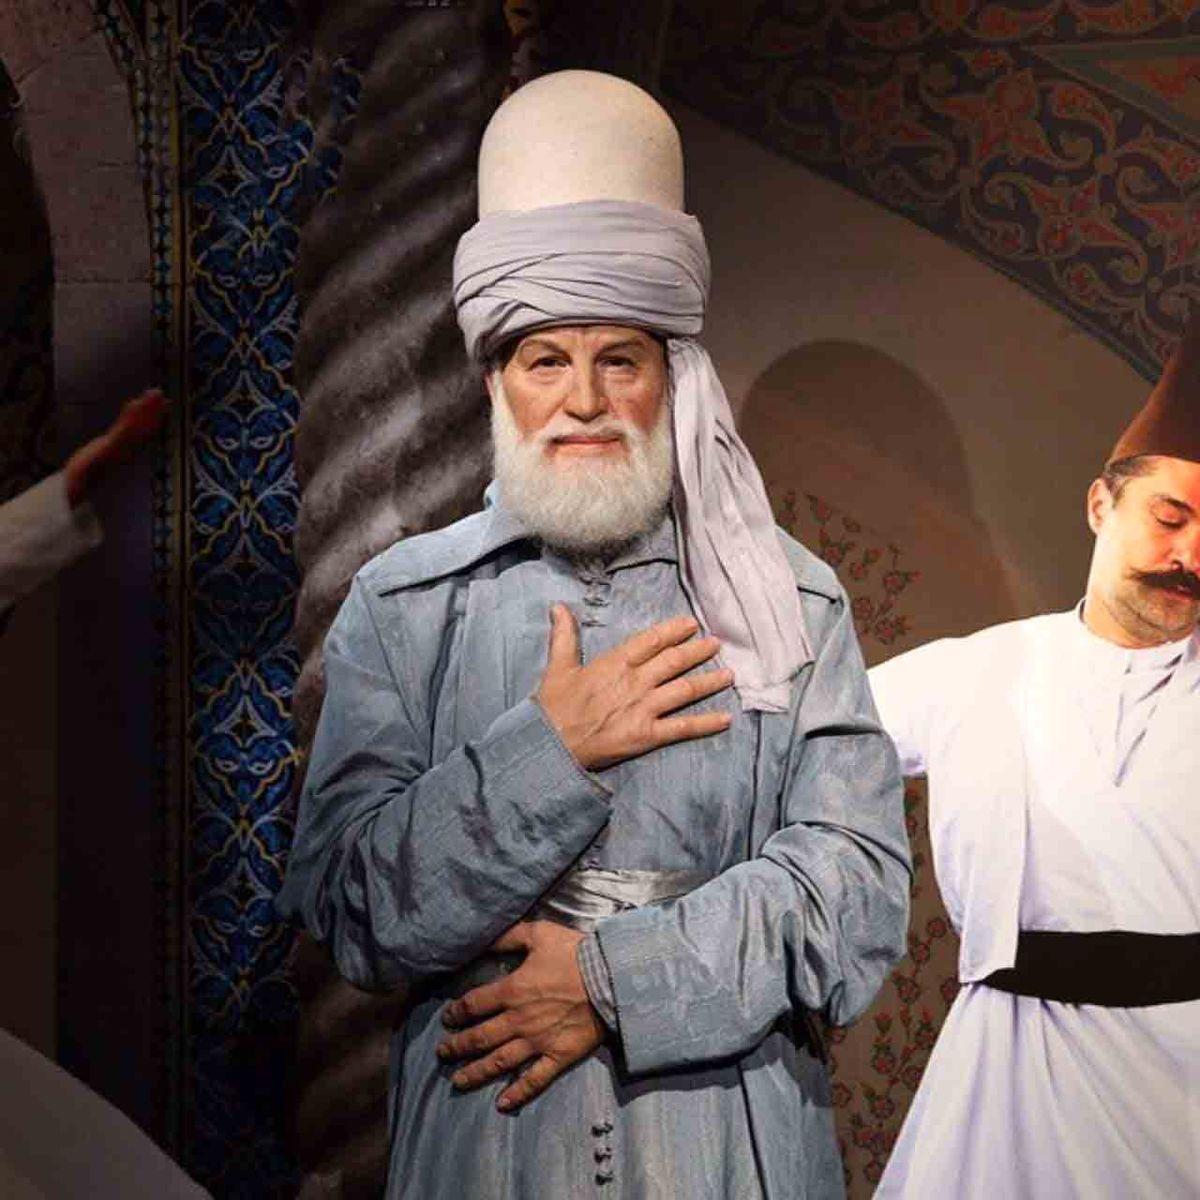 تندیس مولانا که نزدیکترین چهره به واقعیت را دارد